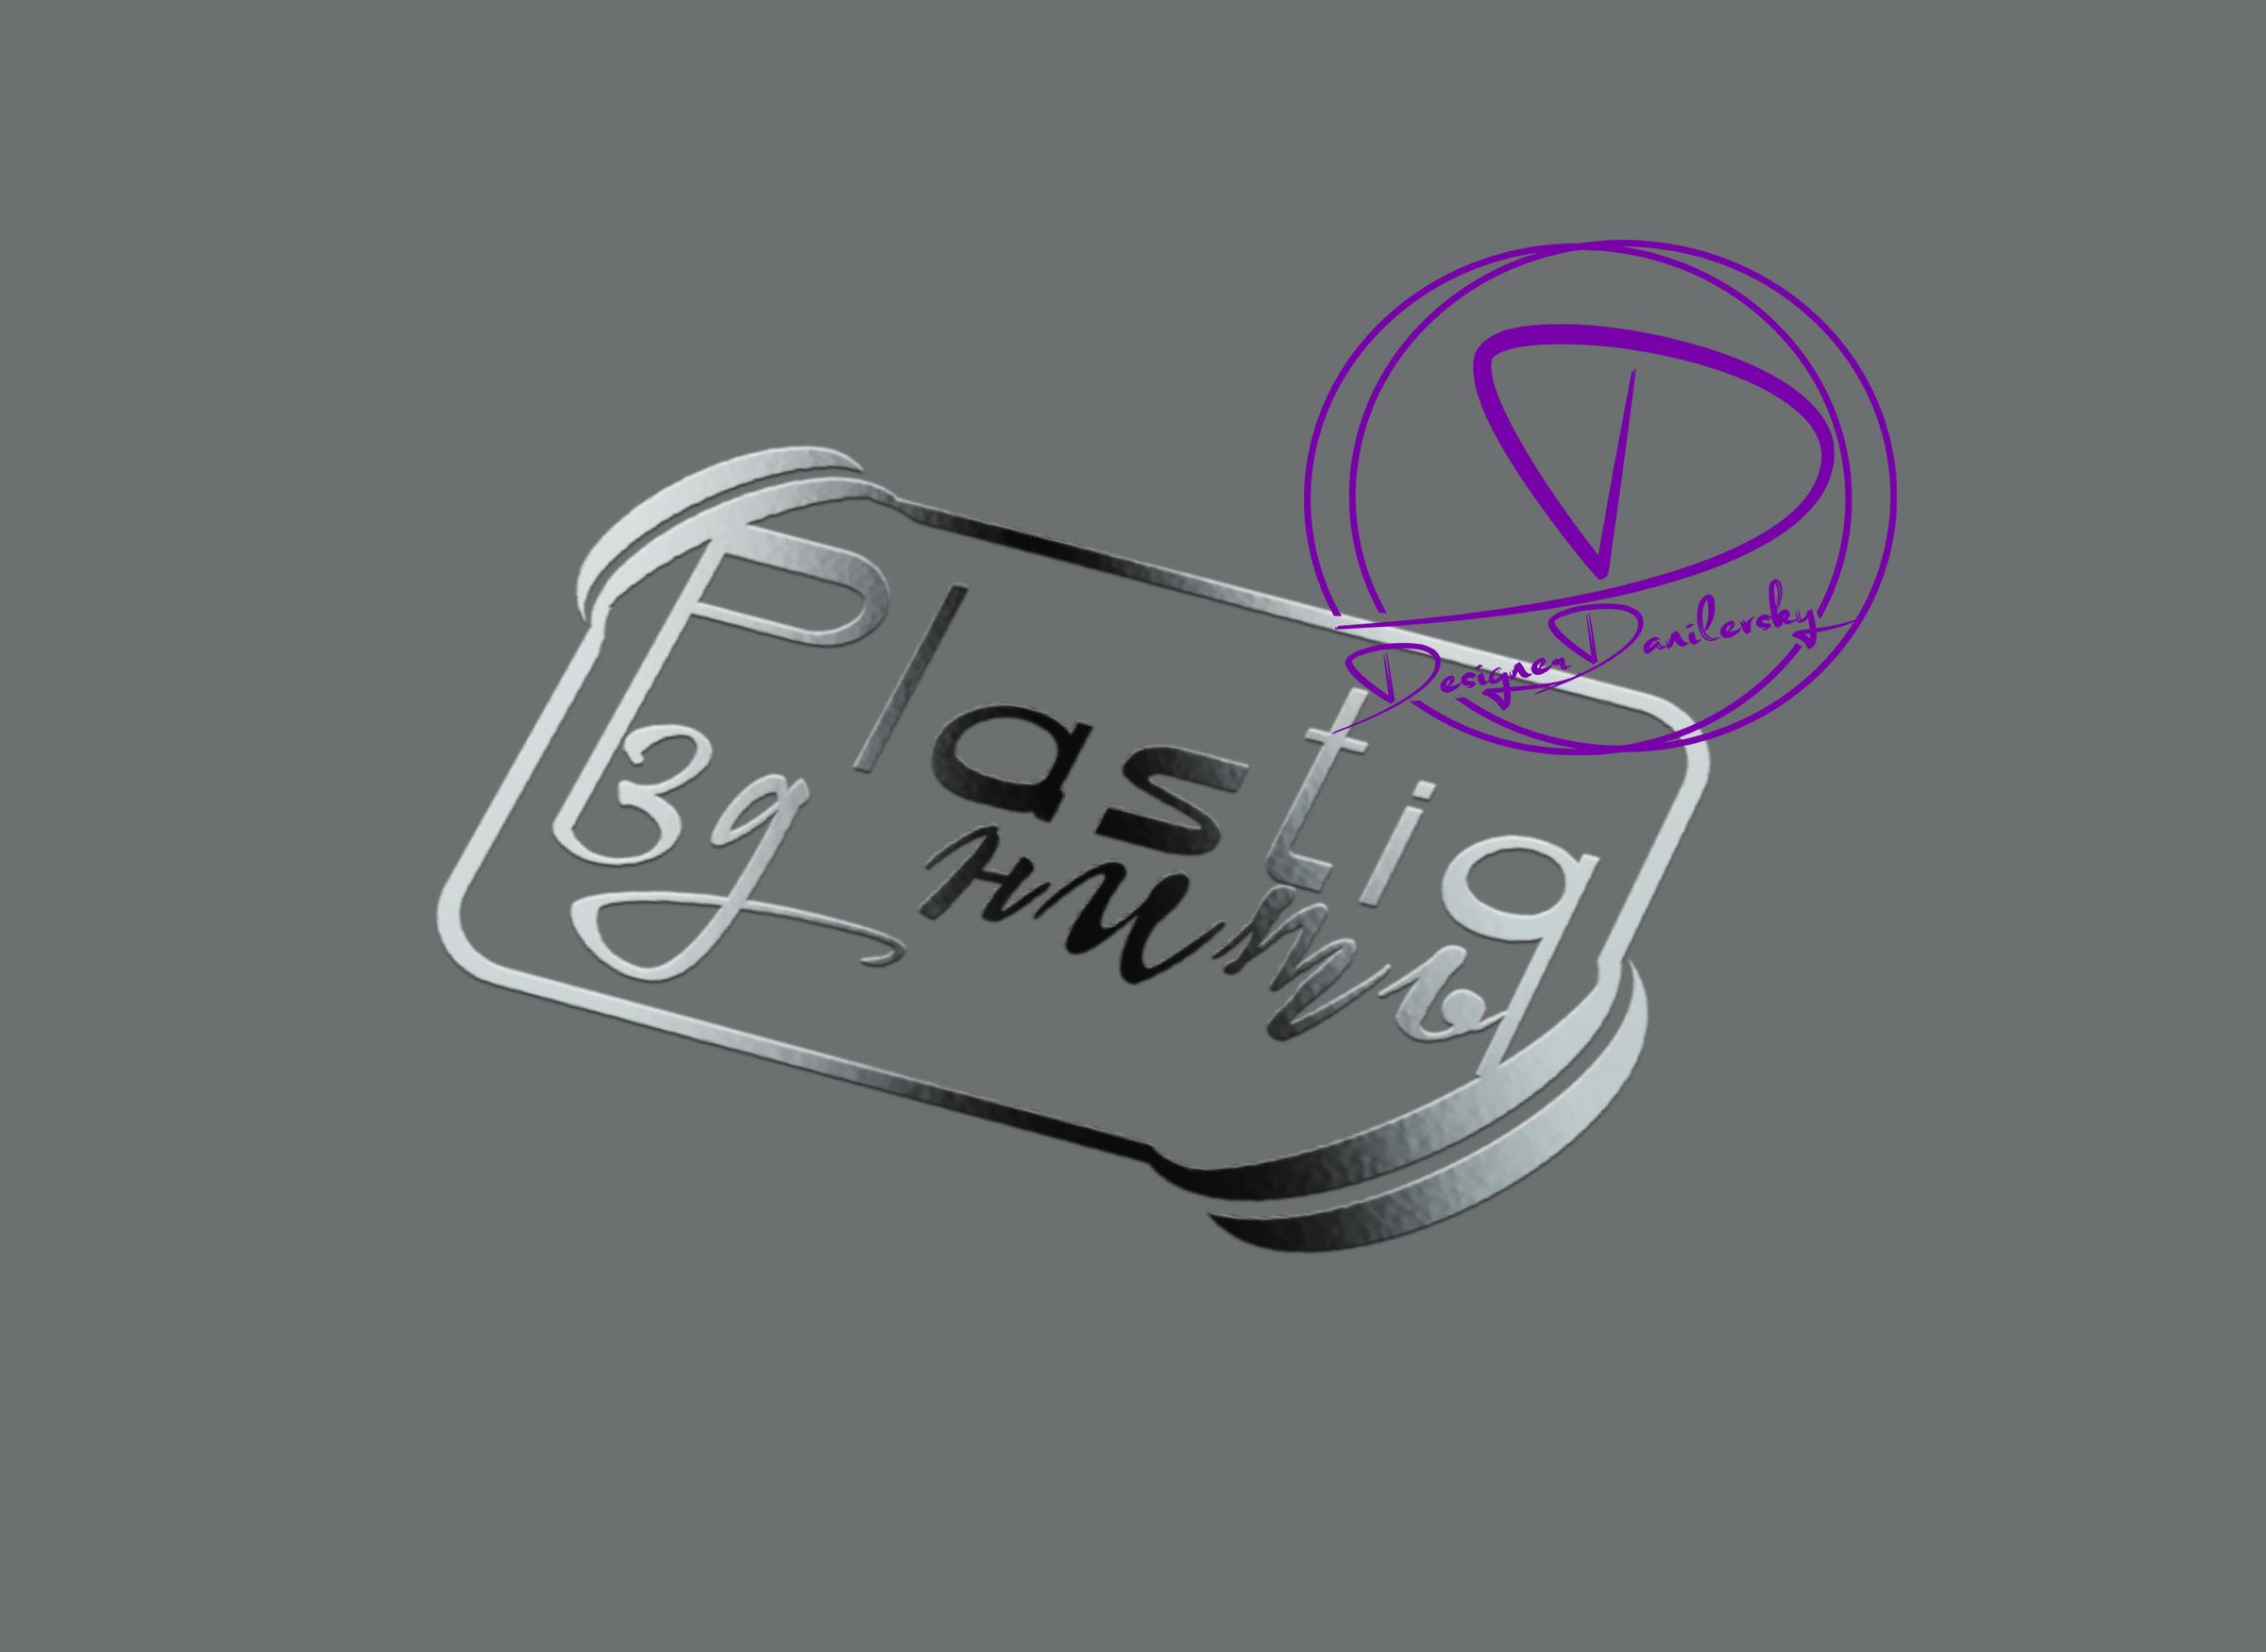 Разработка логотипа, упаковки - 3д нить фото f_0265b687701583e9.jpg